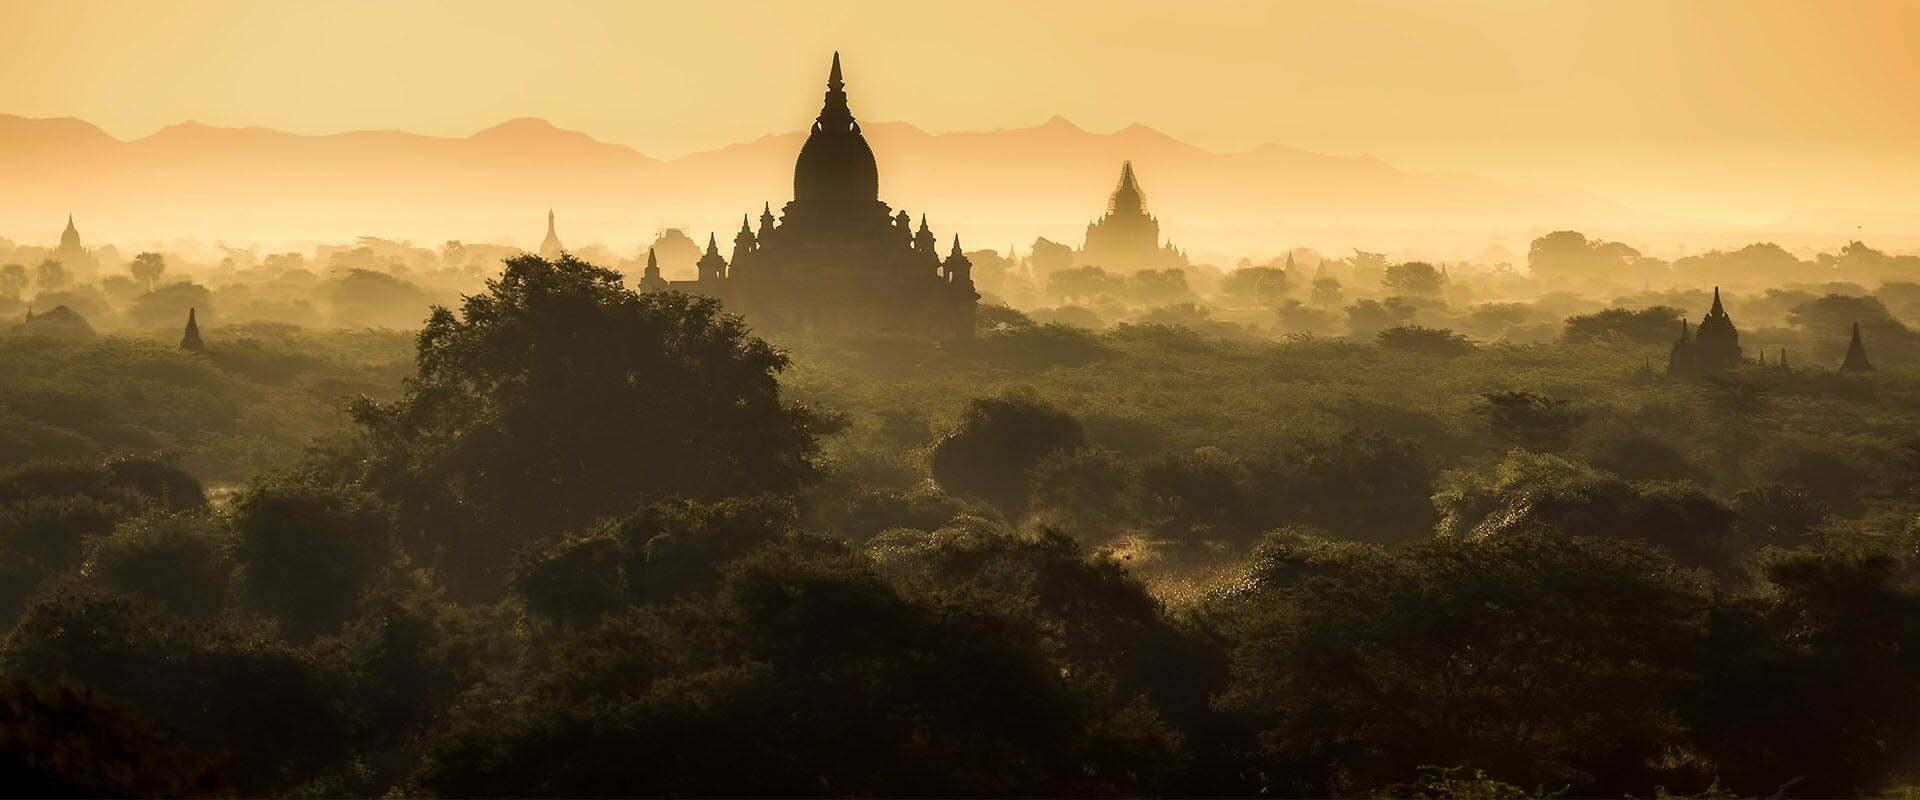 Aube sur un temple entouré d'une forêt en Birmanie